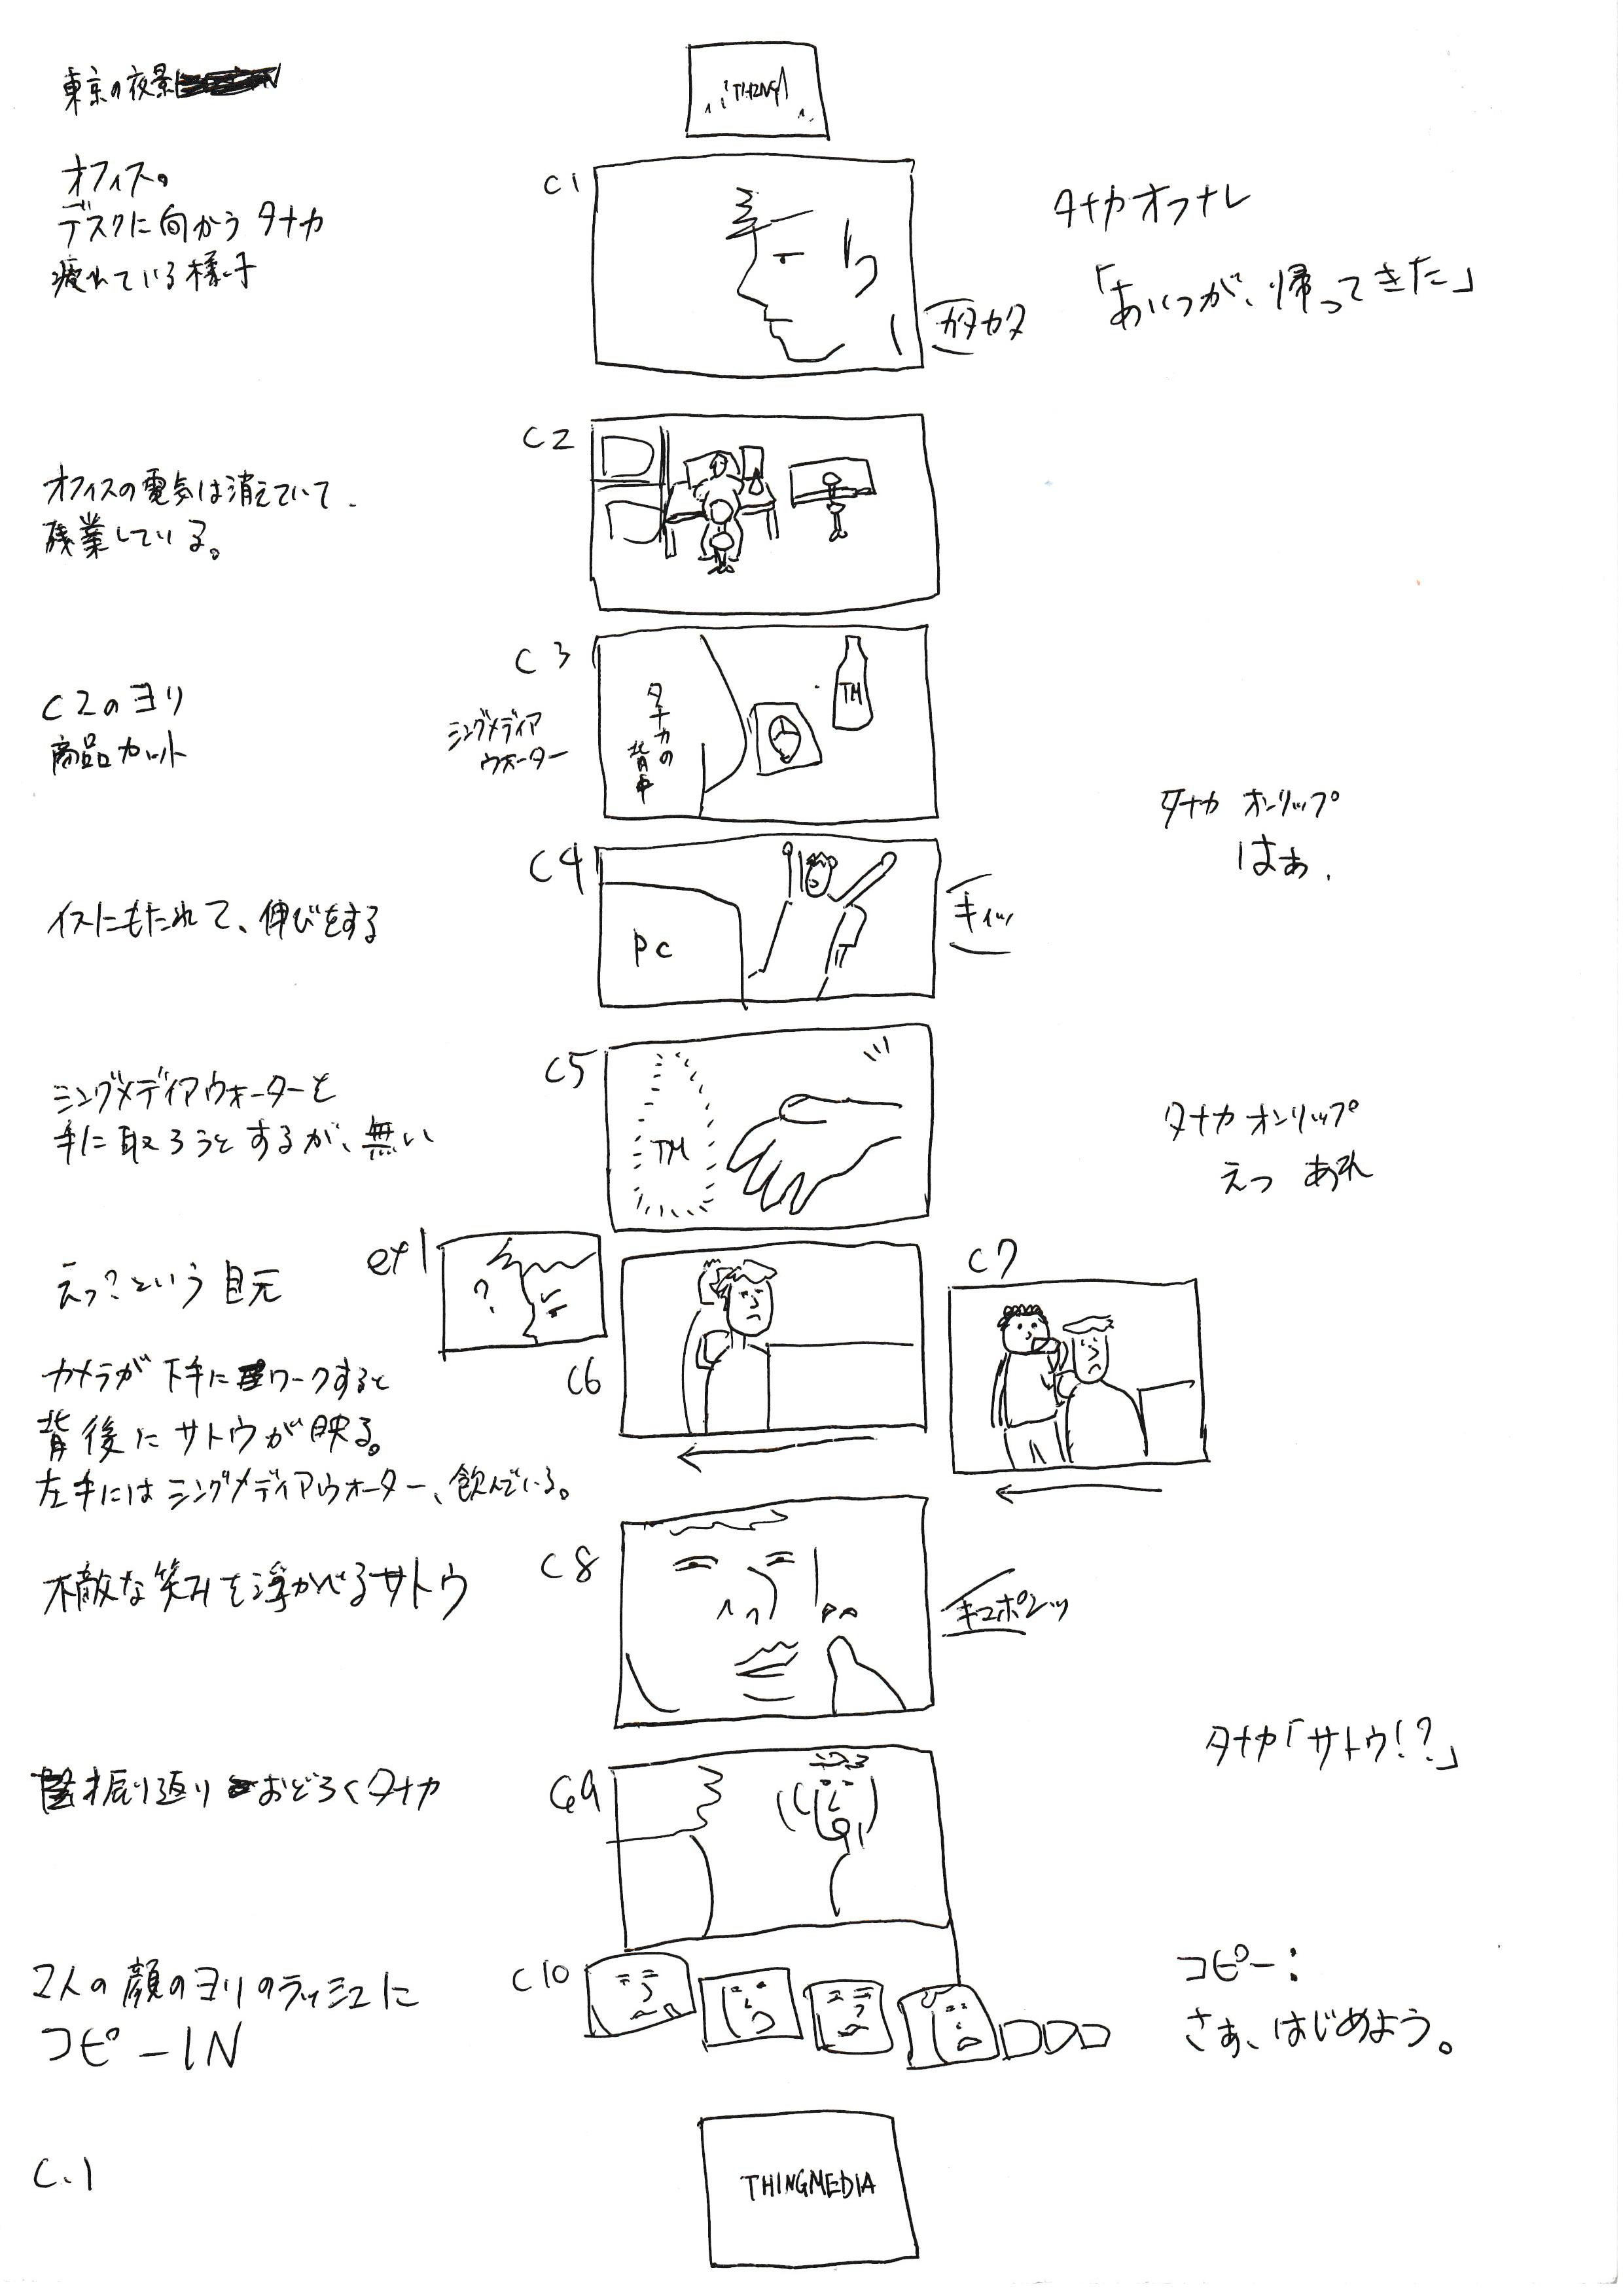 絵コンテのサンプル(作:THINGMEDIA株式会社 映像プロデューサー・安枝新介)